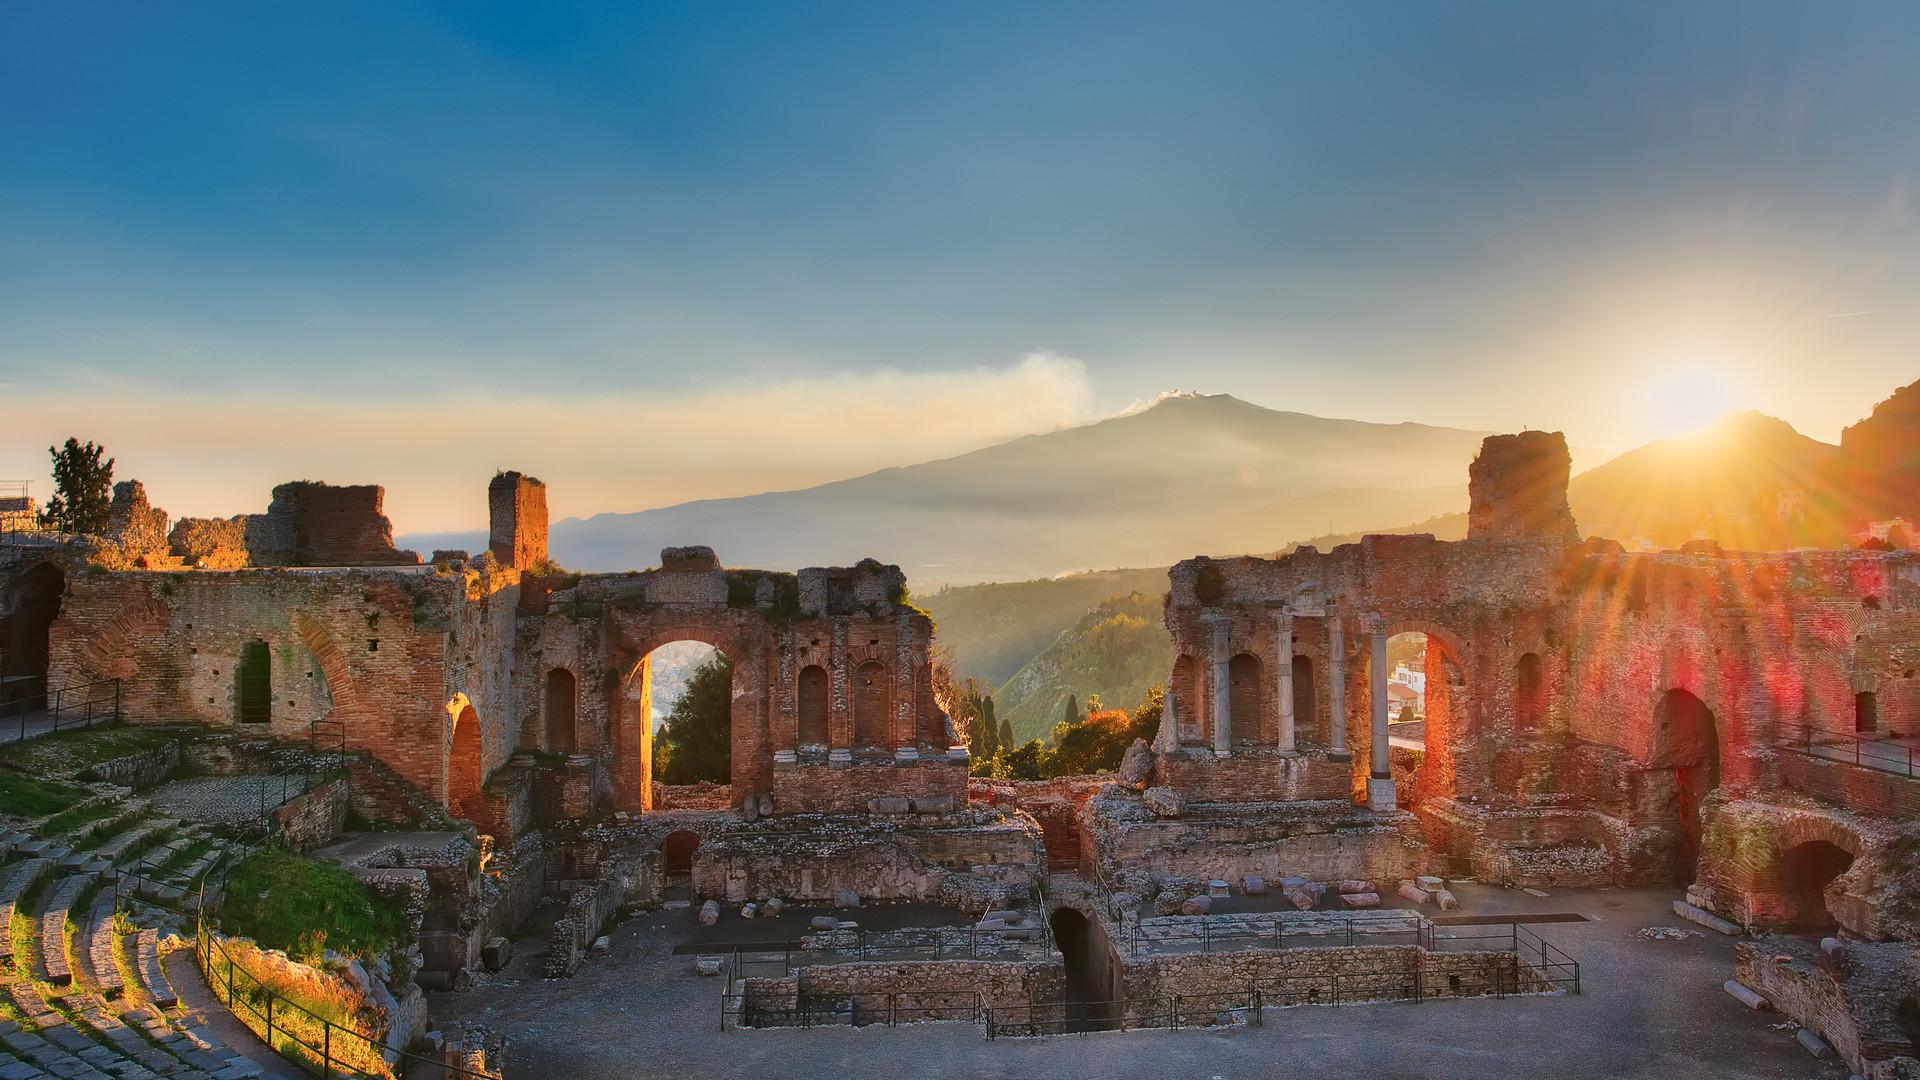 Particolare del Teatro antico di Taormin